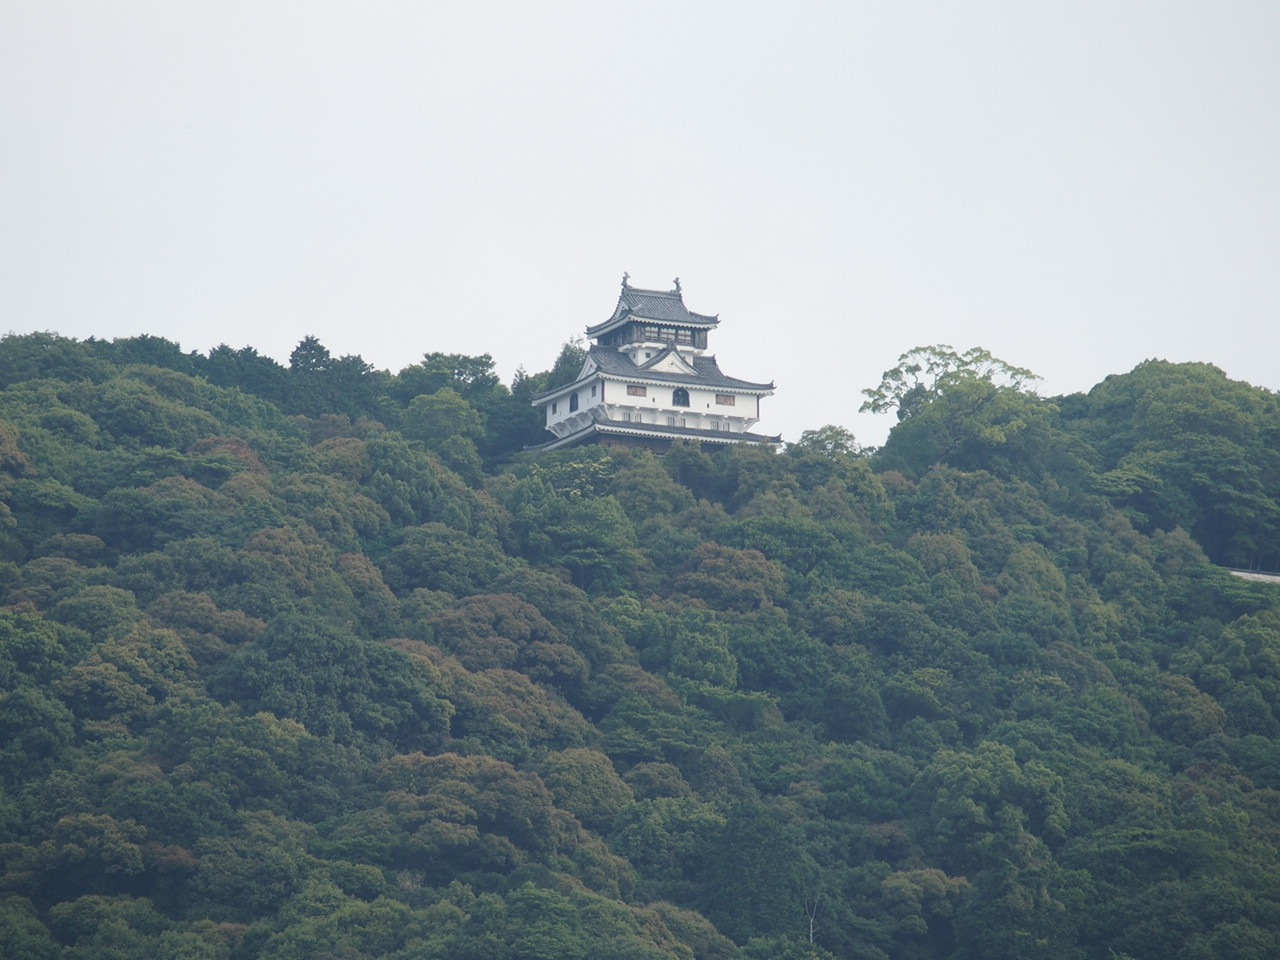 岩国の錦帯橋から見上げた岩国城